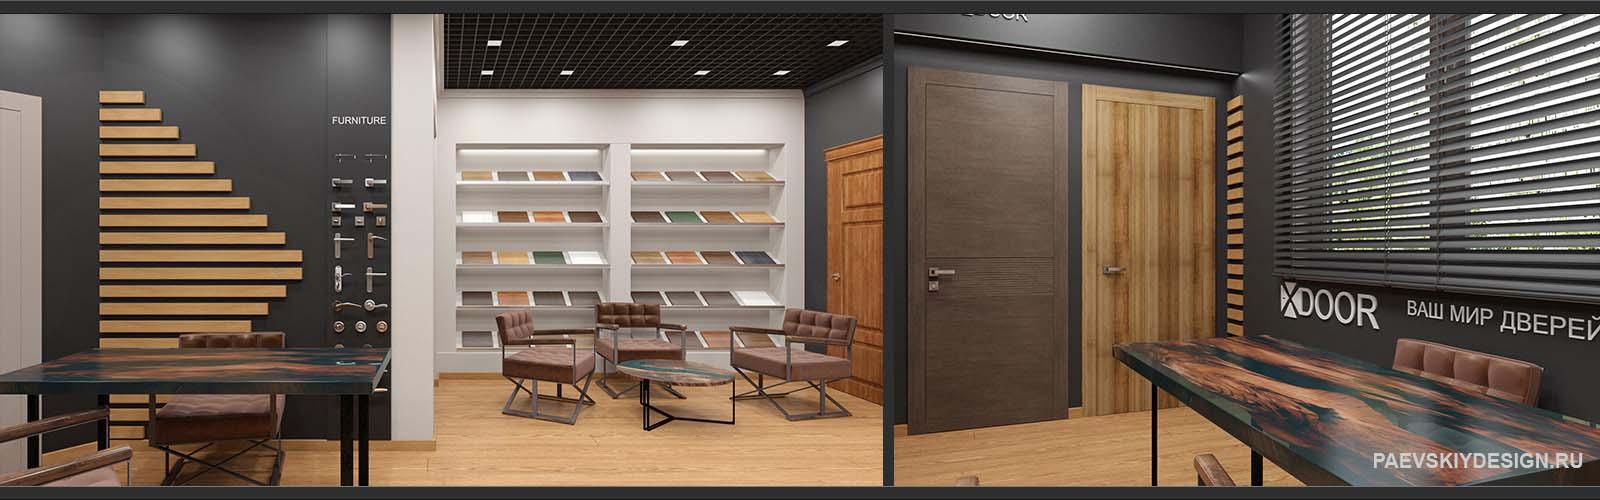 Дизайн шоурумов, интерьеров павильонов для Торговых Центров